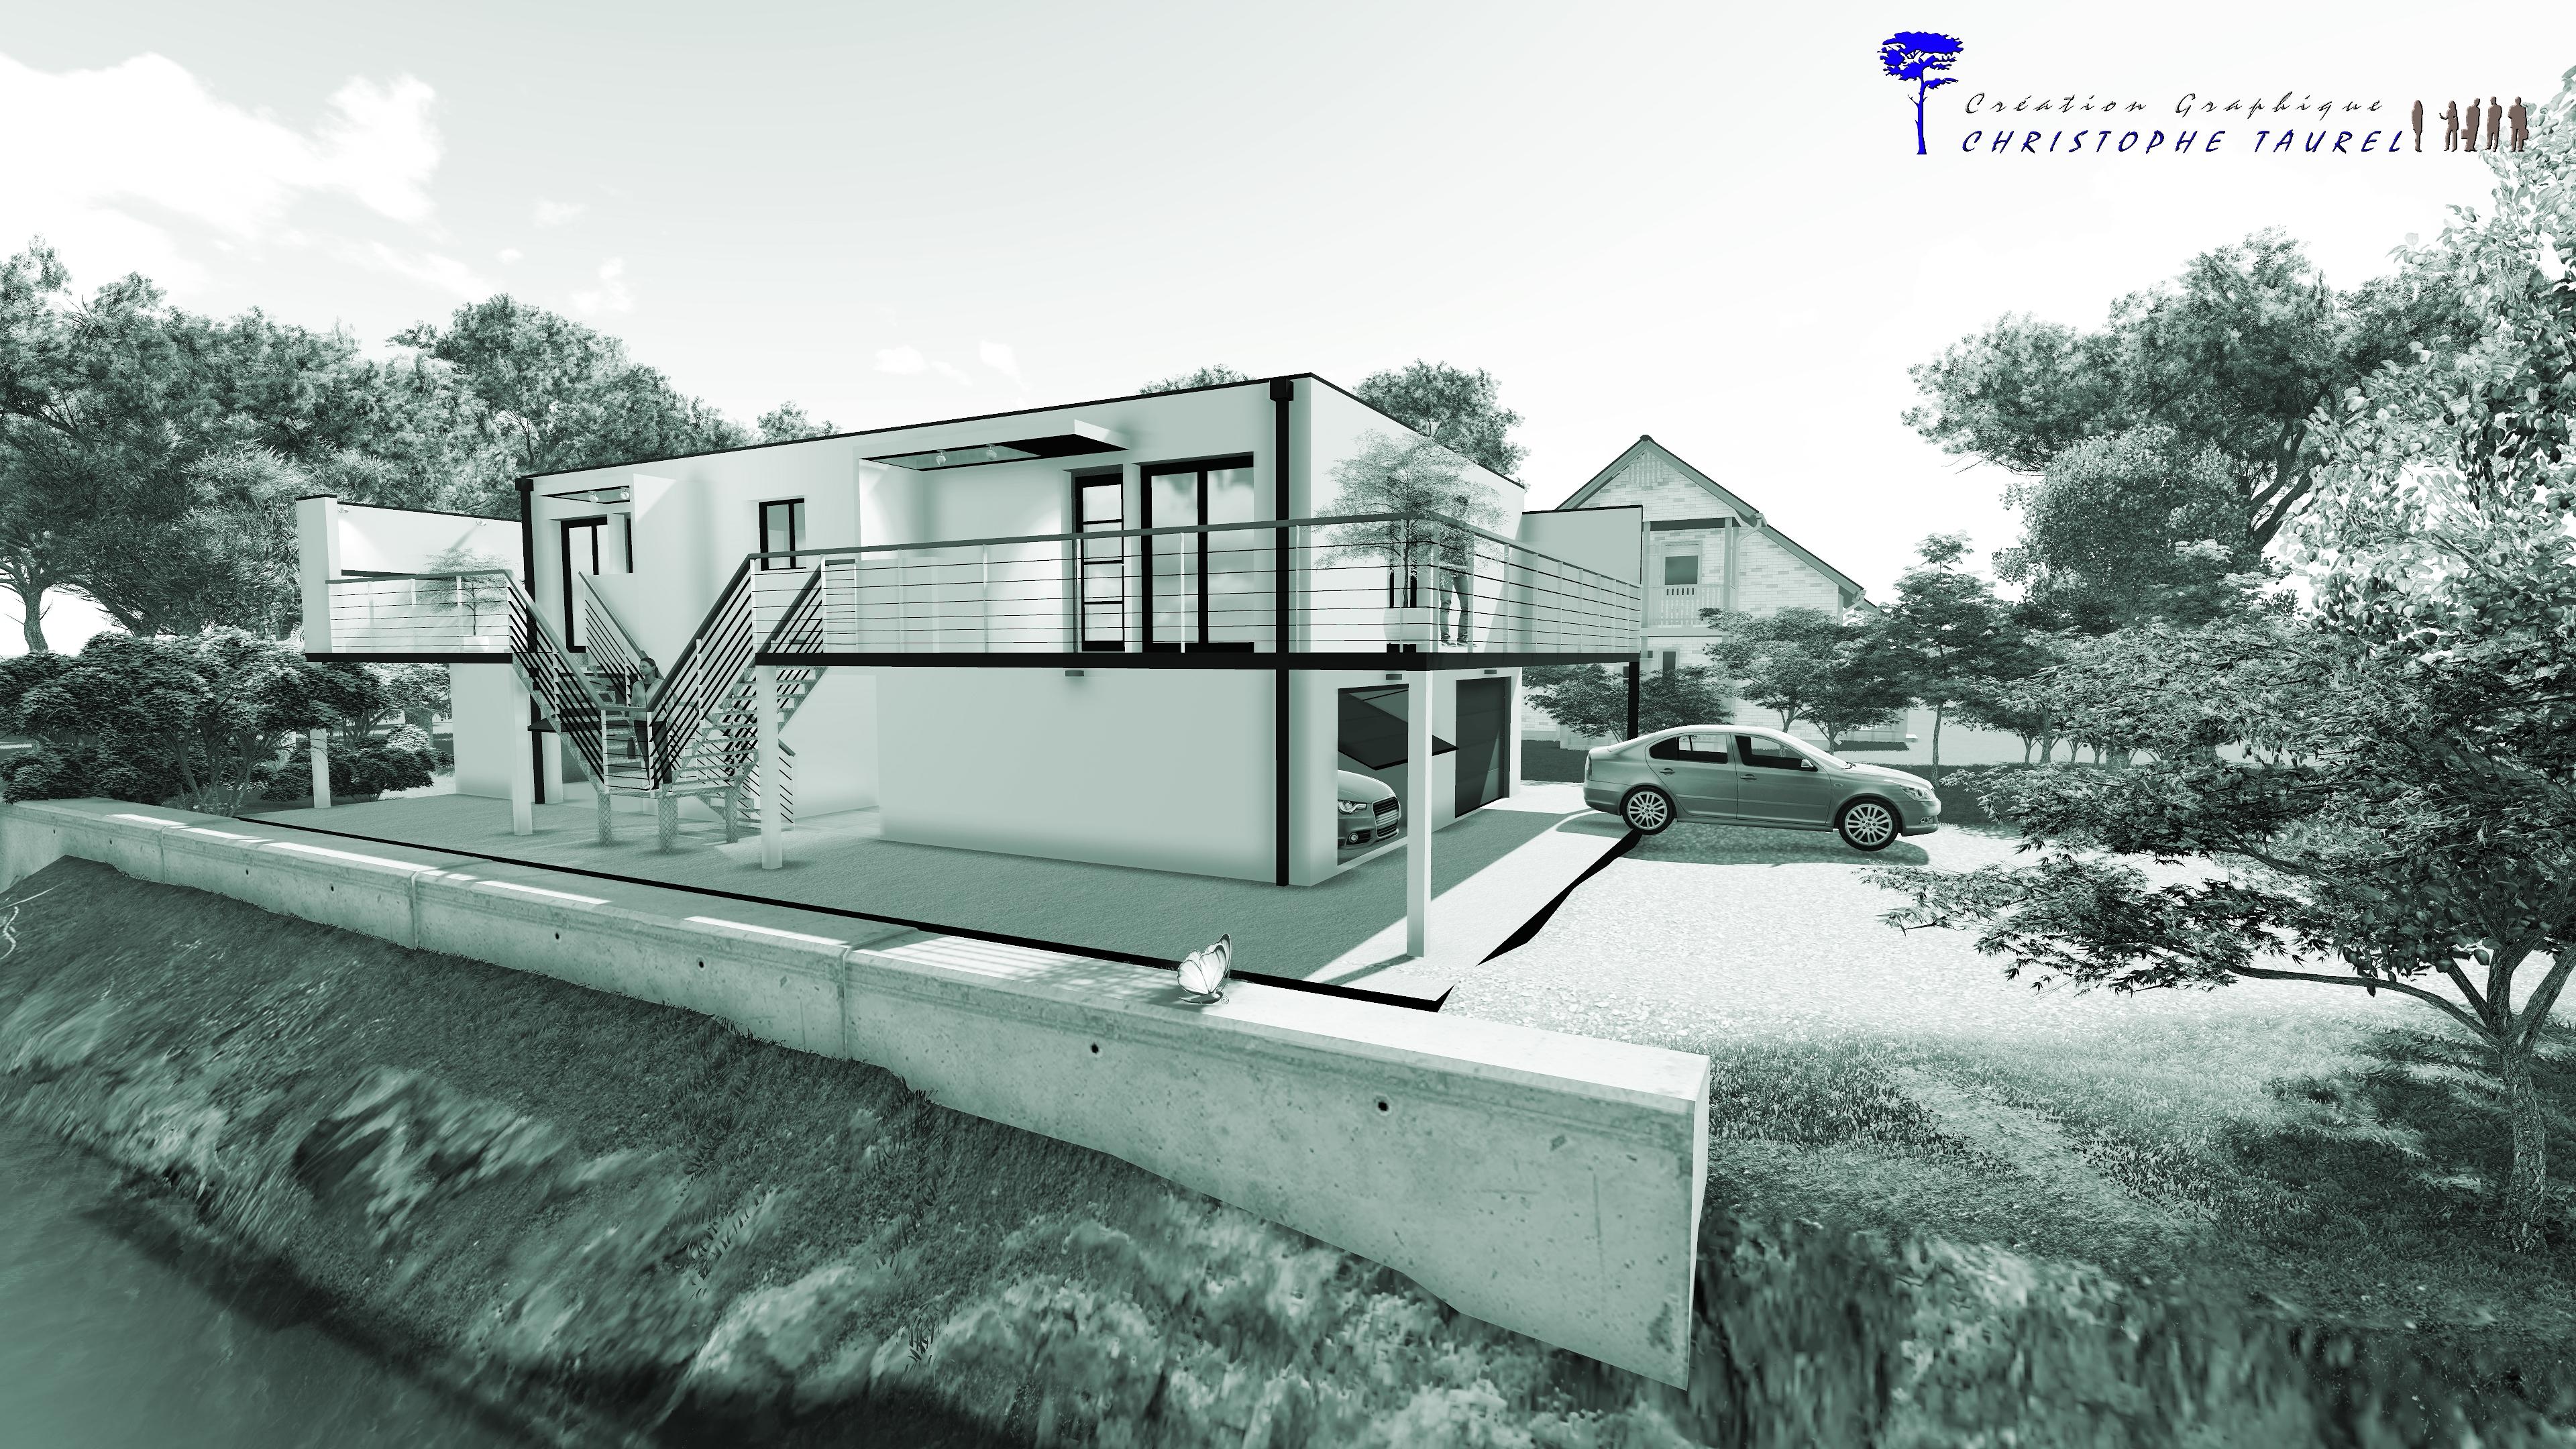 Image 3d jardin et maison visite et note ce blog avec for Architecte 3d jardin